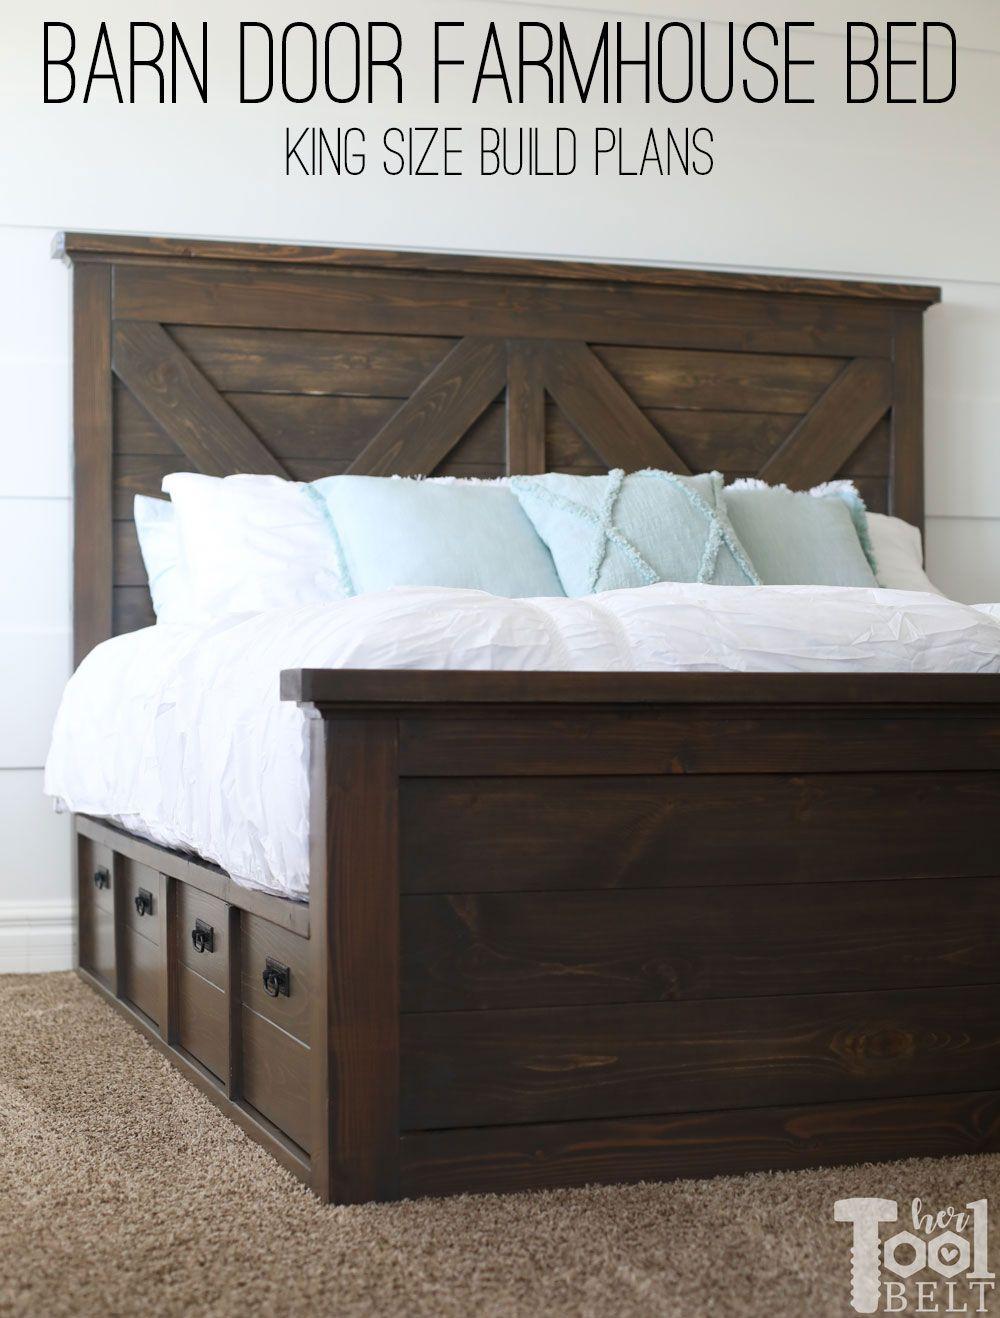 King X Barn Door Farmhouse Bed Plans Farmhouse Bed Frame